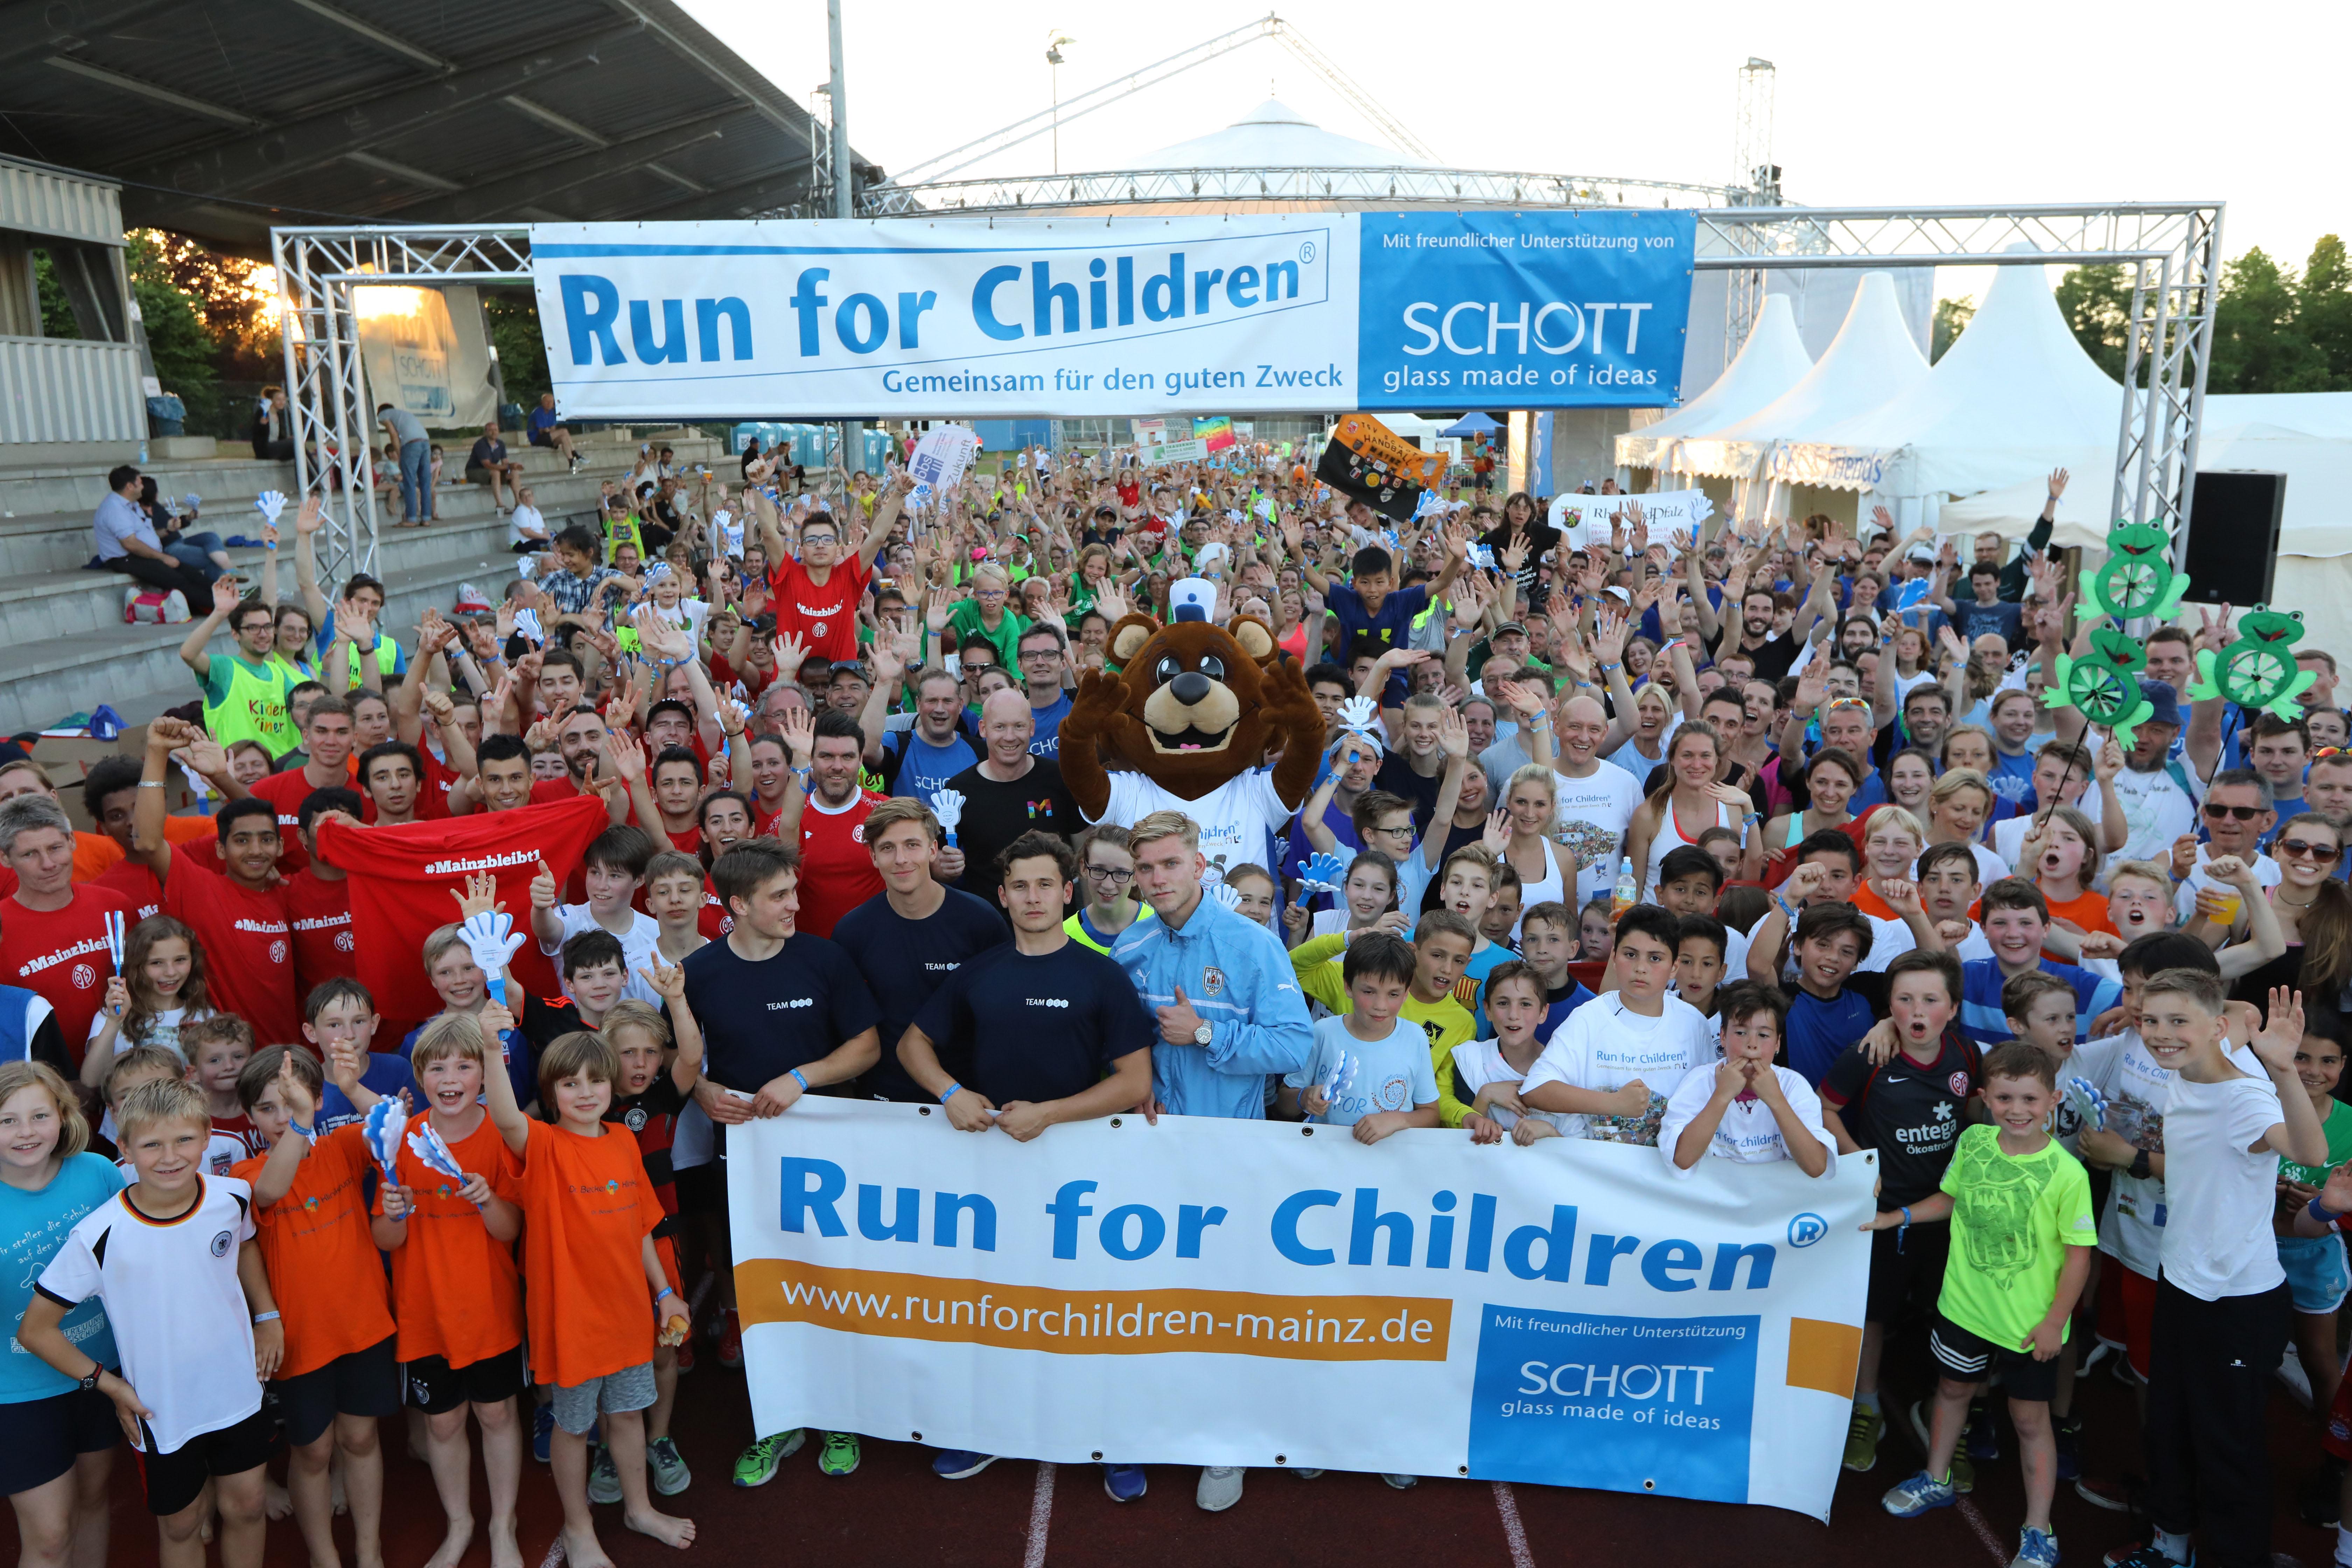 Gruppenfoto der teilnehmenden Läufer